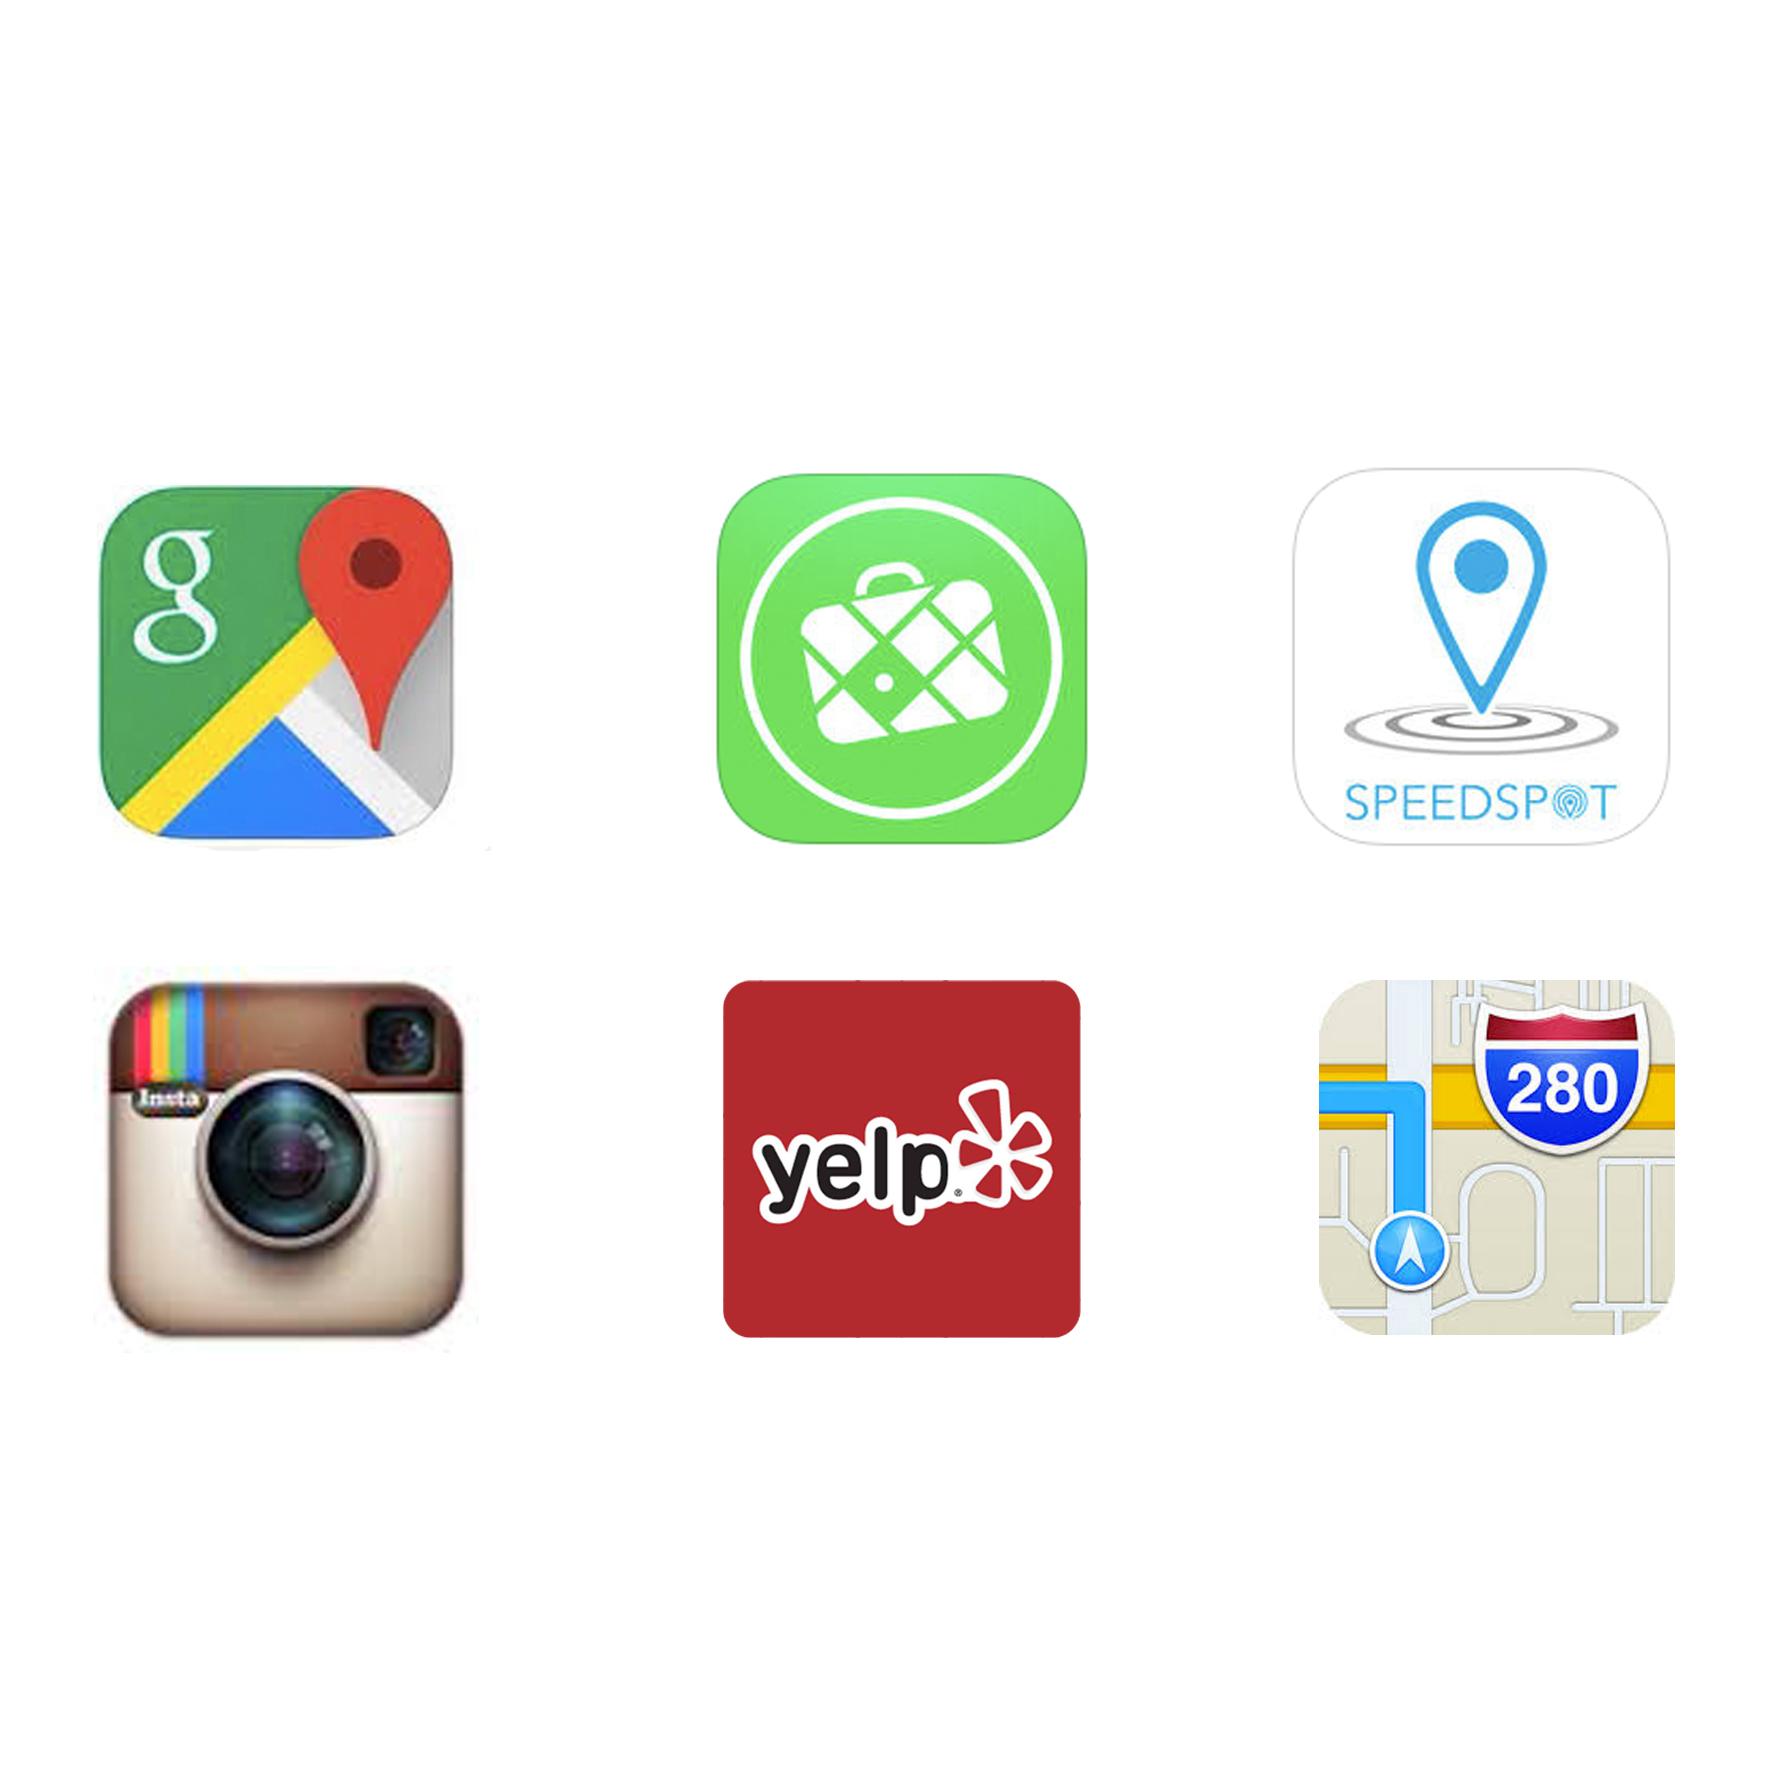 その他旅で使えるお勧めアプリ!